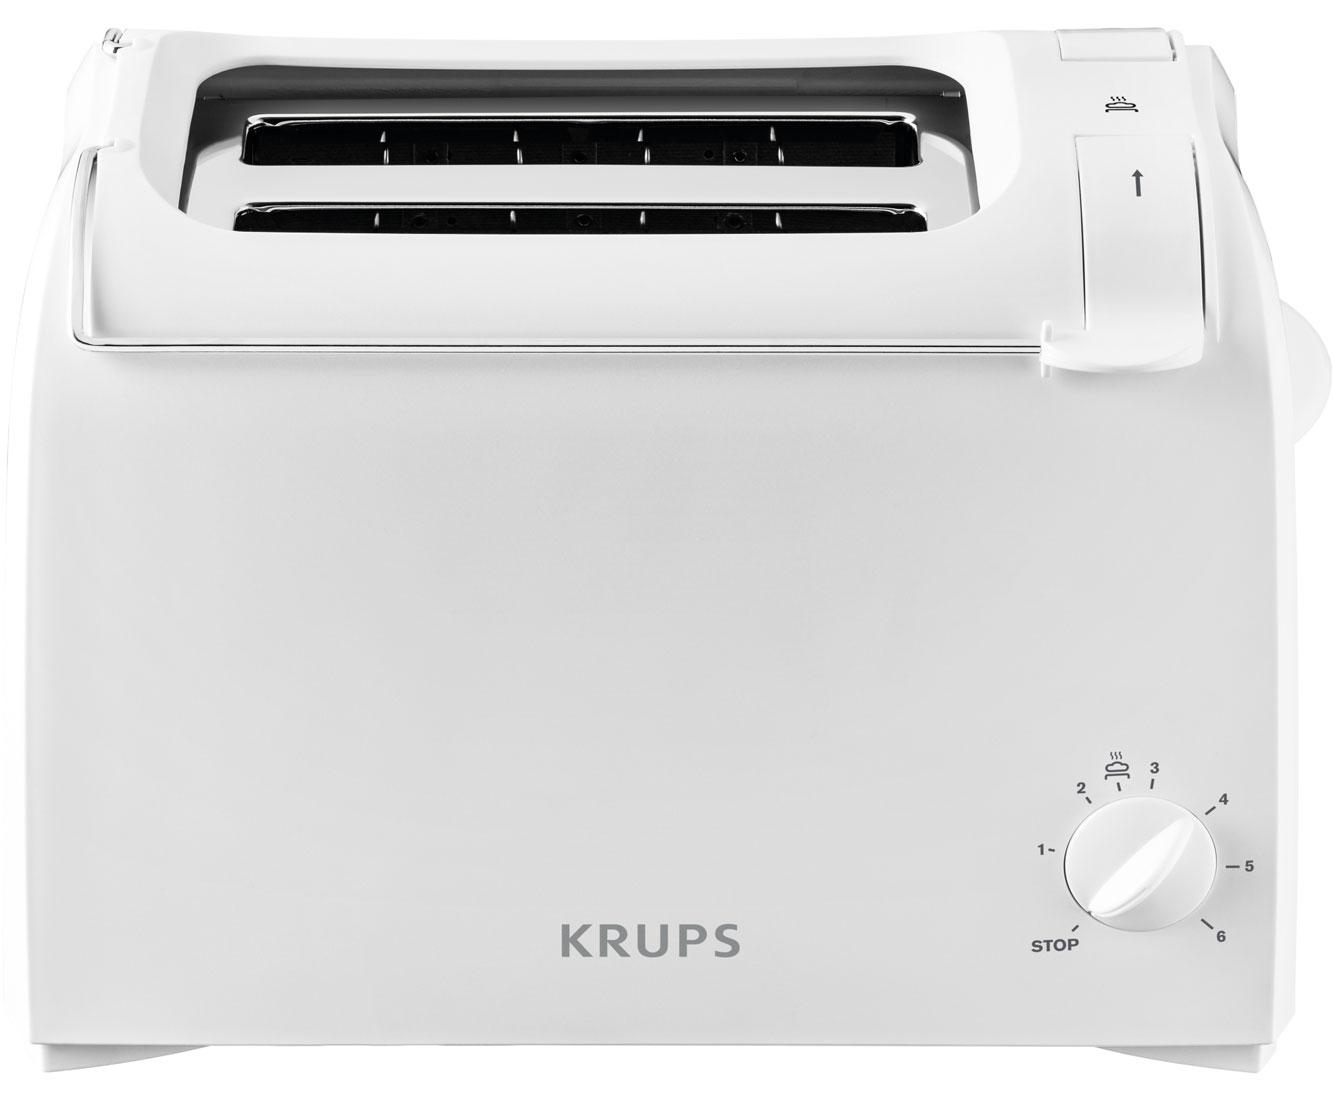 Krups KH 1511 Wasserkocher & Toaster - Weiss